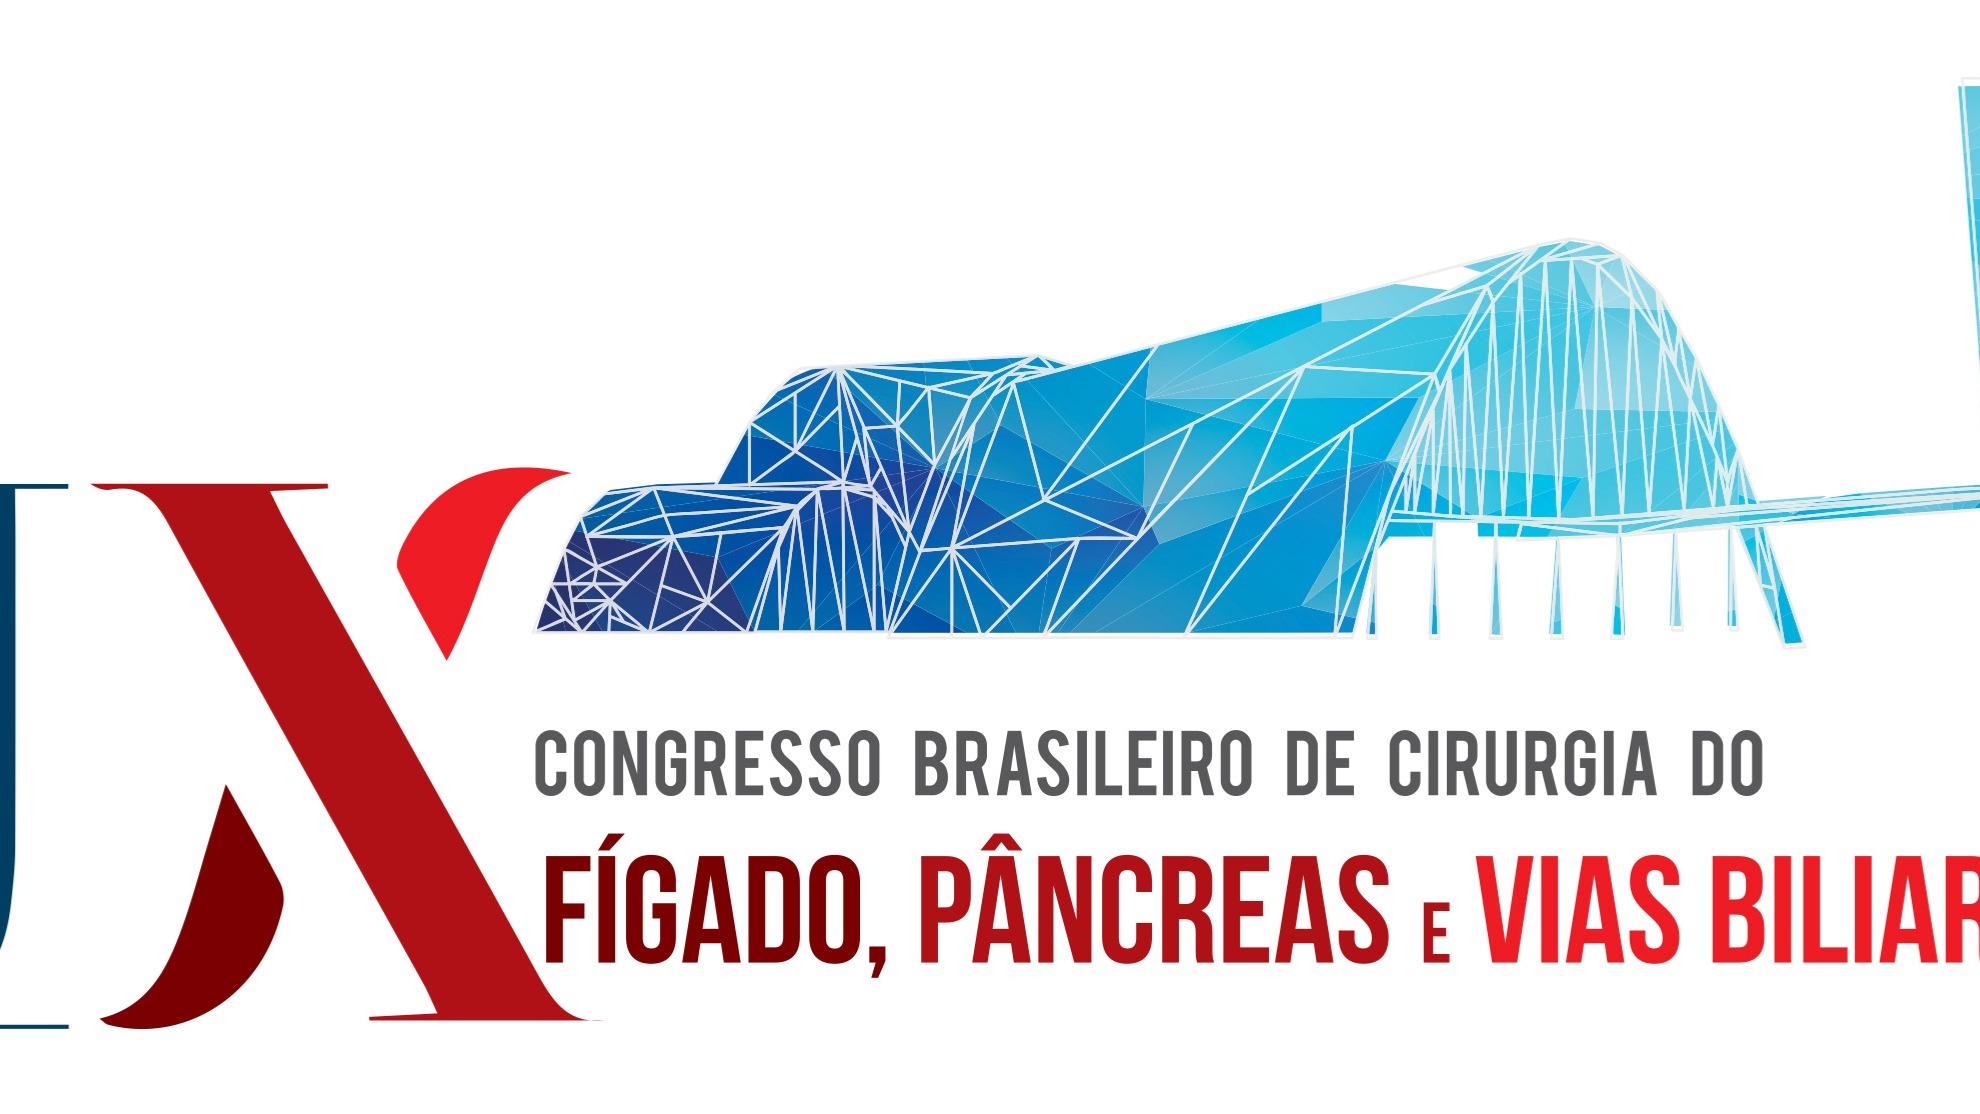 IX Congresso Brasileiro de Cirurgia do Fígado, Pâncreas e Vias Biliares